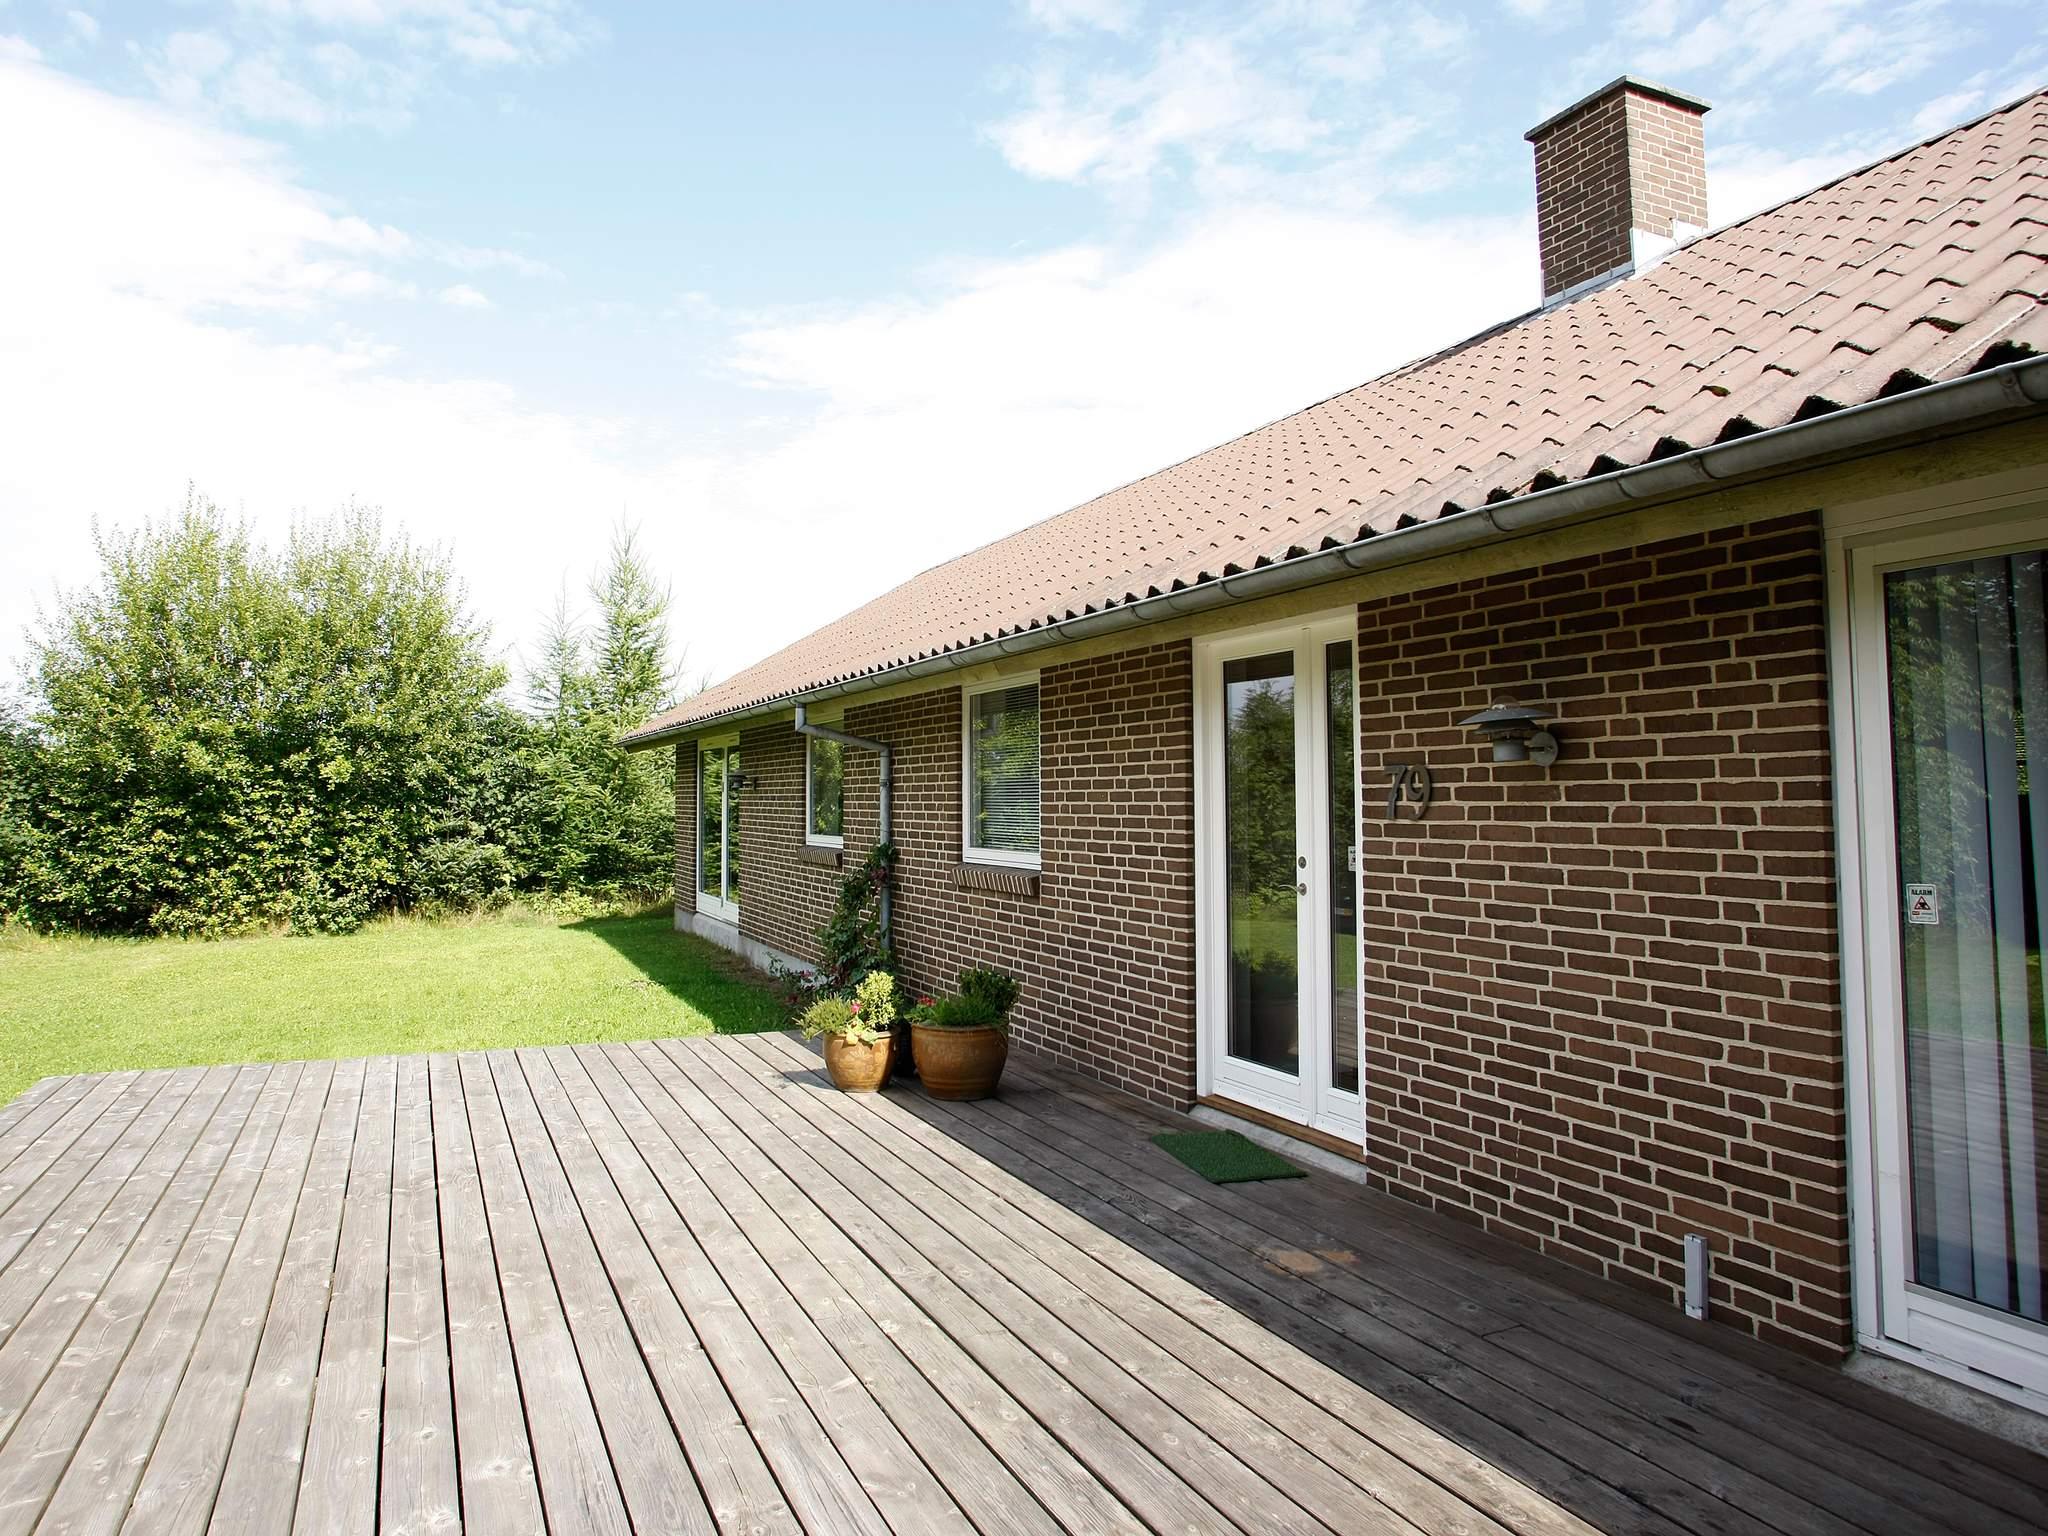 Ferienhaus Lynderup (953846), Lynderup, , Ostjütland, Dänemark, Bild 12